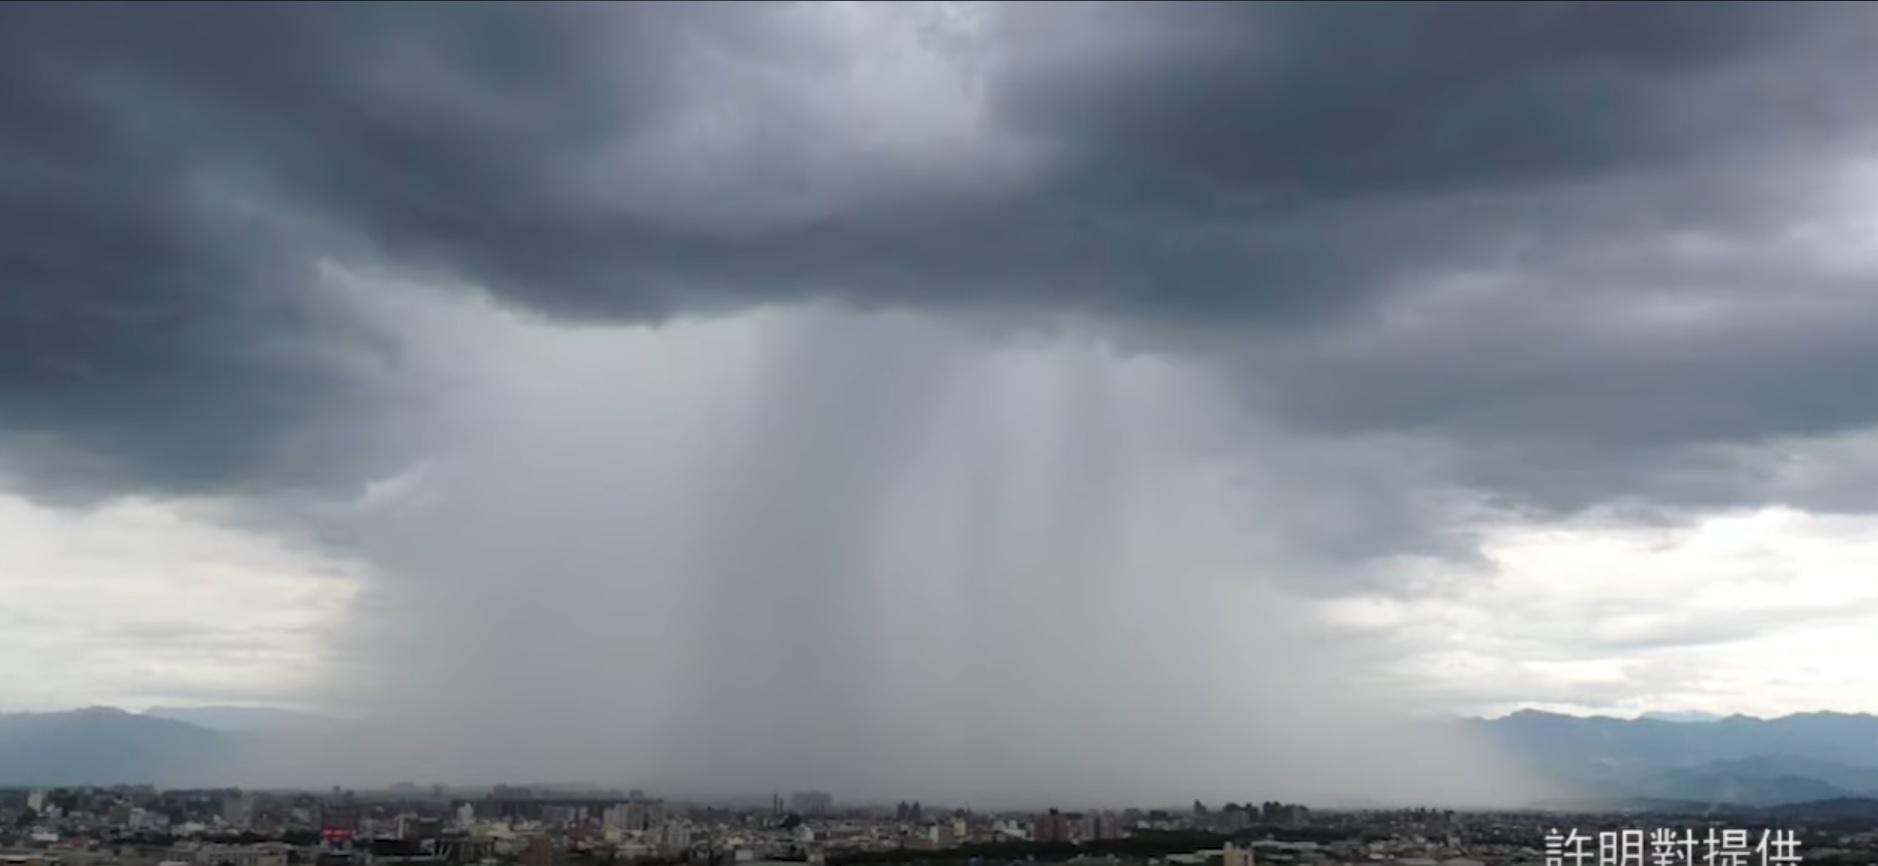 Taiwan: violento nubifragio 'circoscritto' coinvolge solo un'area della città